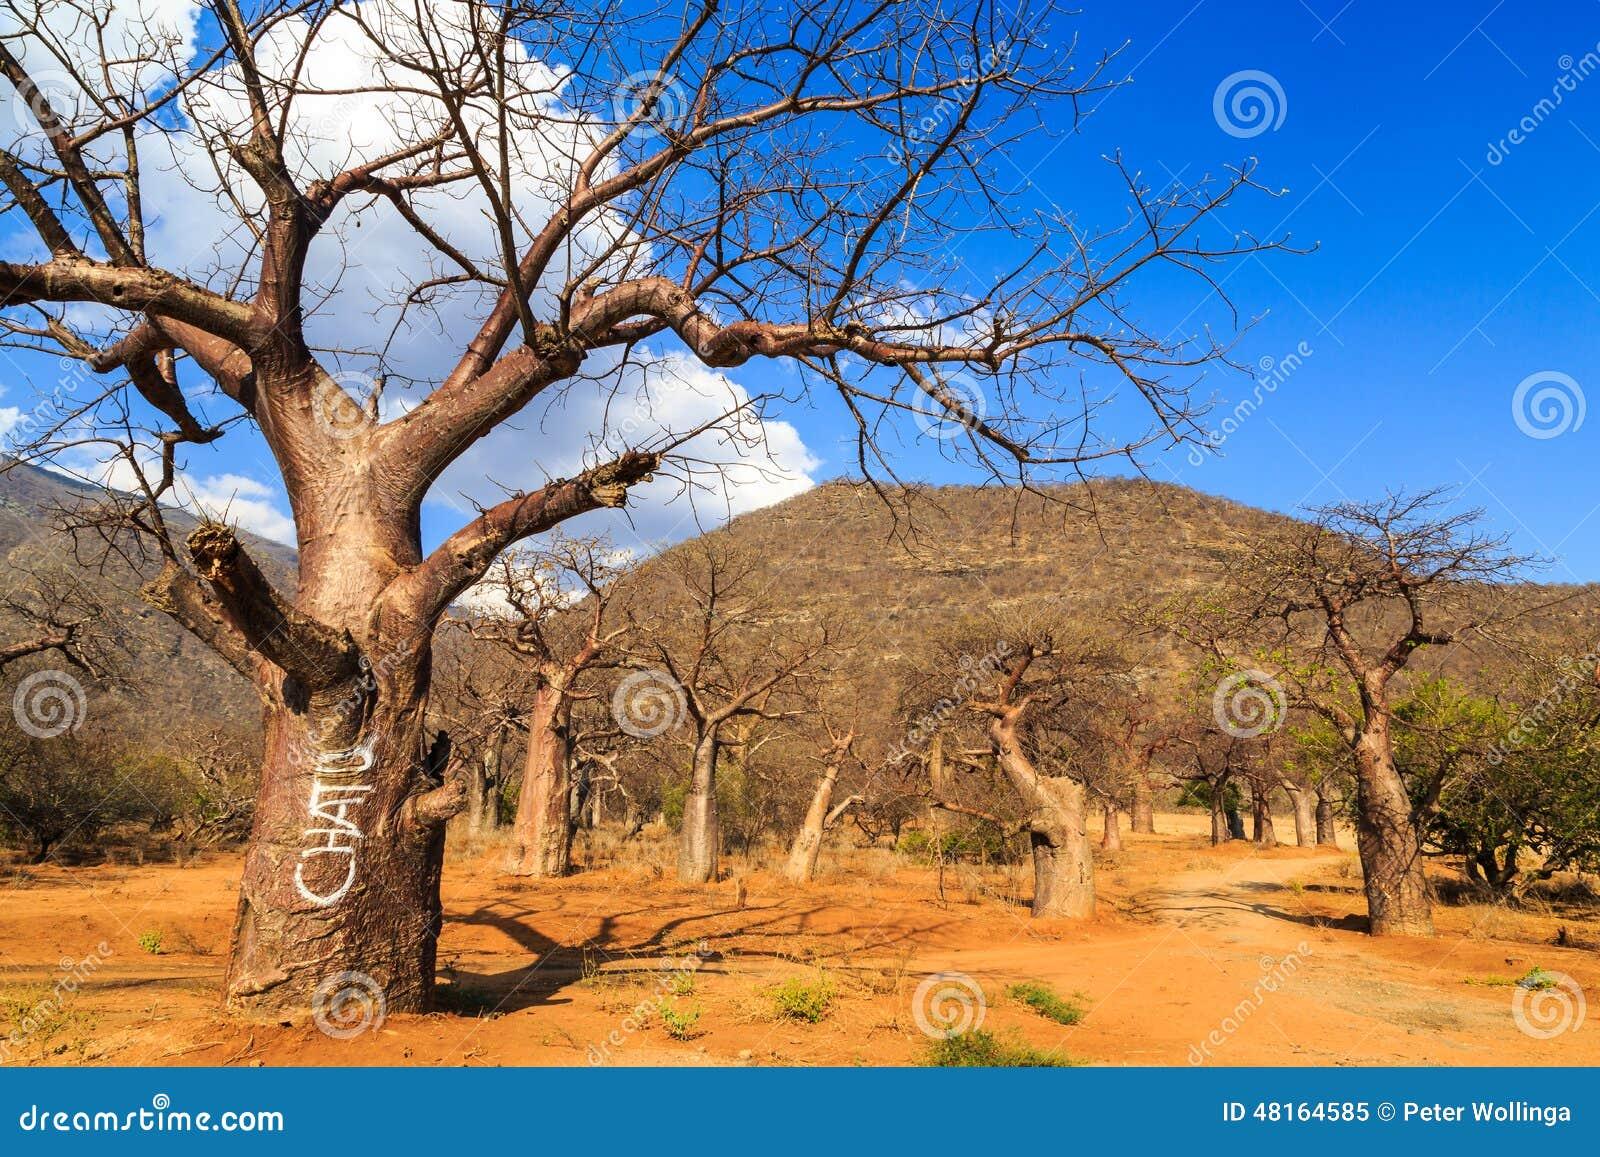 Forêt d arbre de baobab en Afrique